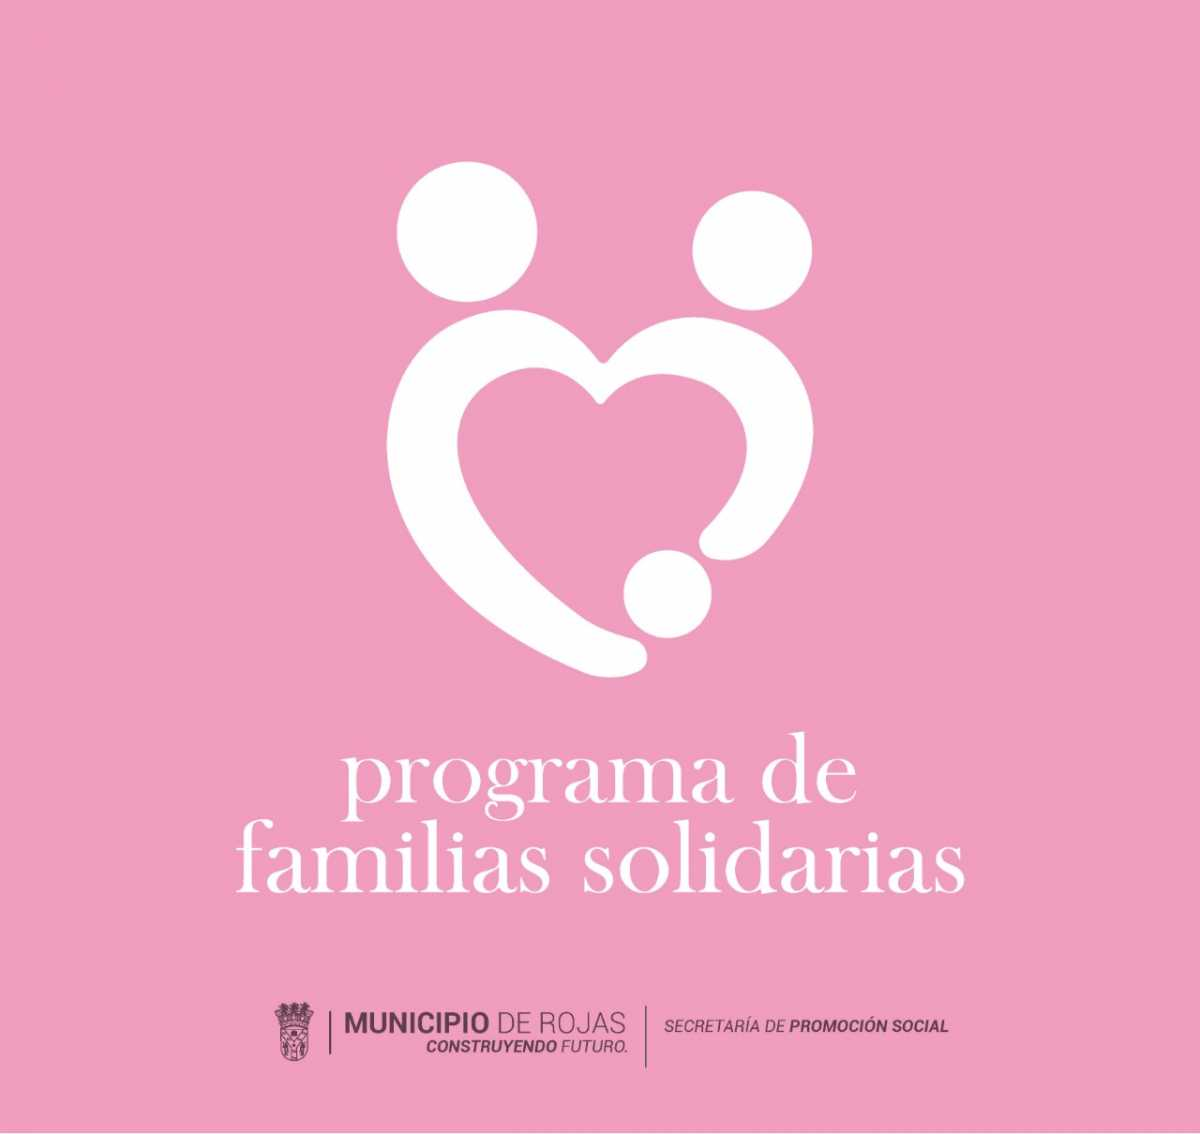 """La Secretaría de Promoción Social presentará el programa """"Familias Solidarias"""" el lunes 22"""